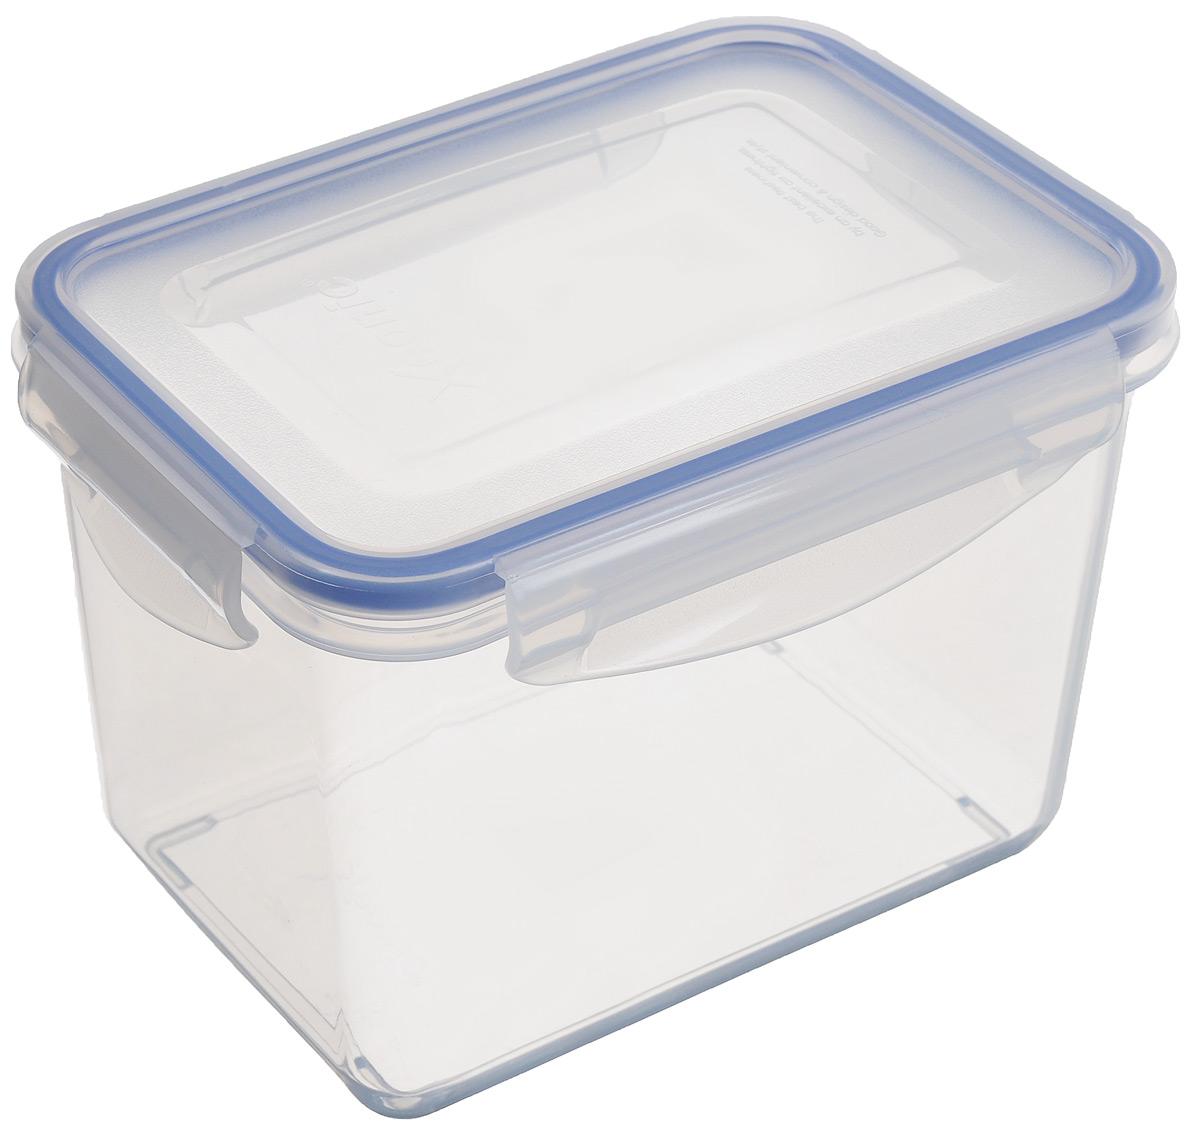 Контейнер Xeonic, цвет: прозрачный, синий, 1,3 лVT-1520(SR)Прямоугольный контейнер Xeonic изготовлен из высококачественного полипропилена и предназначен для хранения любых пищевых продуктов. Крышка с силиконовой вставкой герметично защелкивается специальным механизмом. Изделие устойчиво к воздействию масел и жиров, не впитывает запахи.Контейнер Xeonic удобен для ежедневного использования в быту.Можно мыть в посудомоечной машине и использовать в СВЧ.Размер контейнера (по верхнему краю): 16 см х 11 см.Высота контейнера (без учета крышки): 11 см.